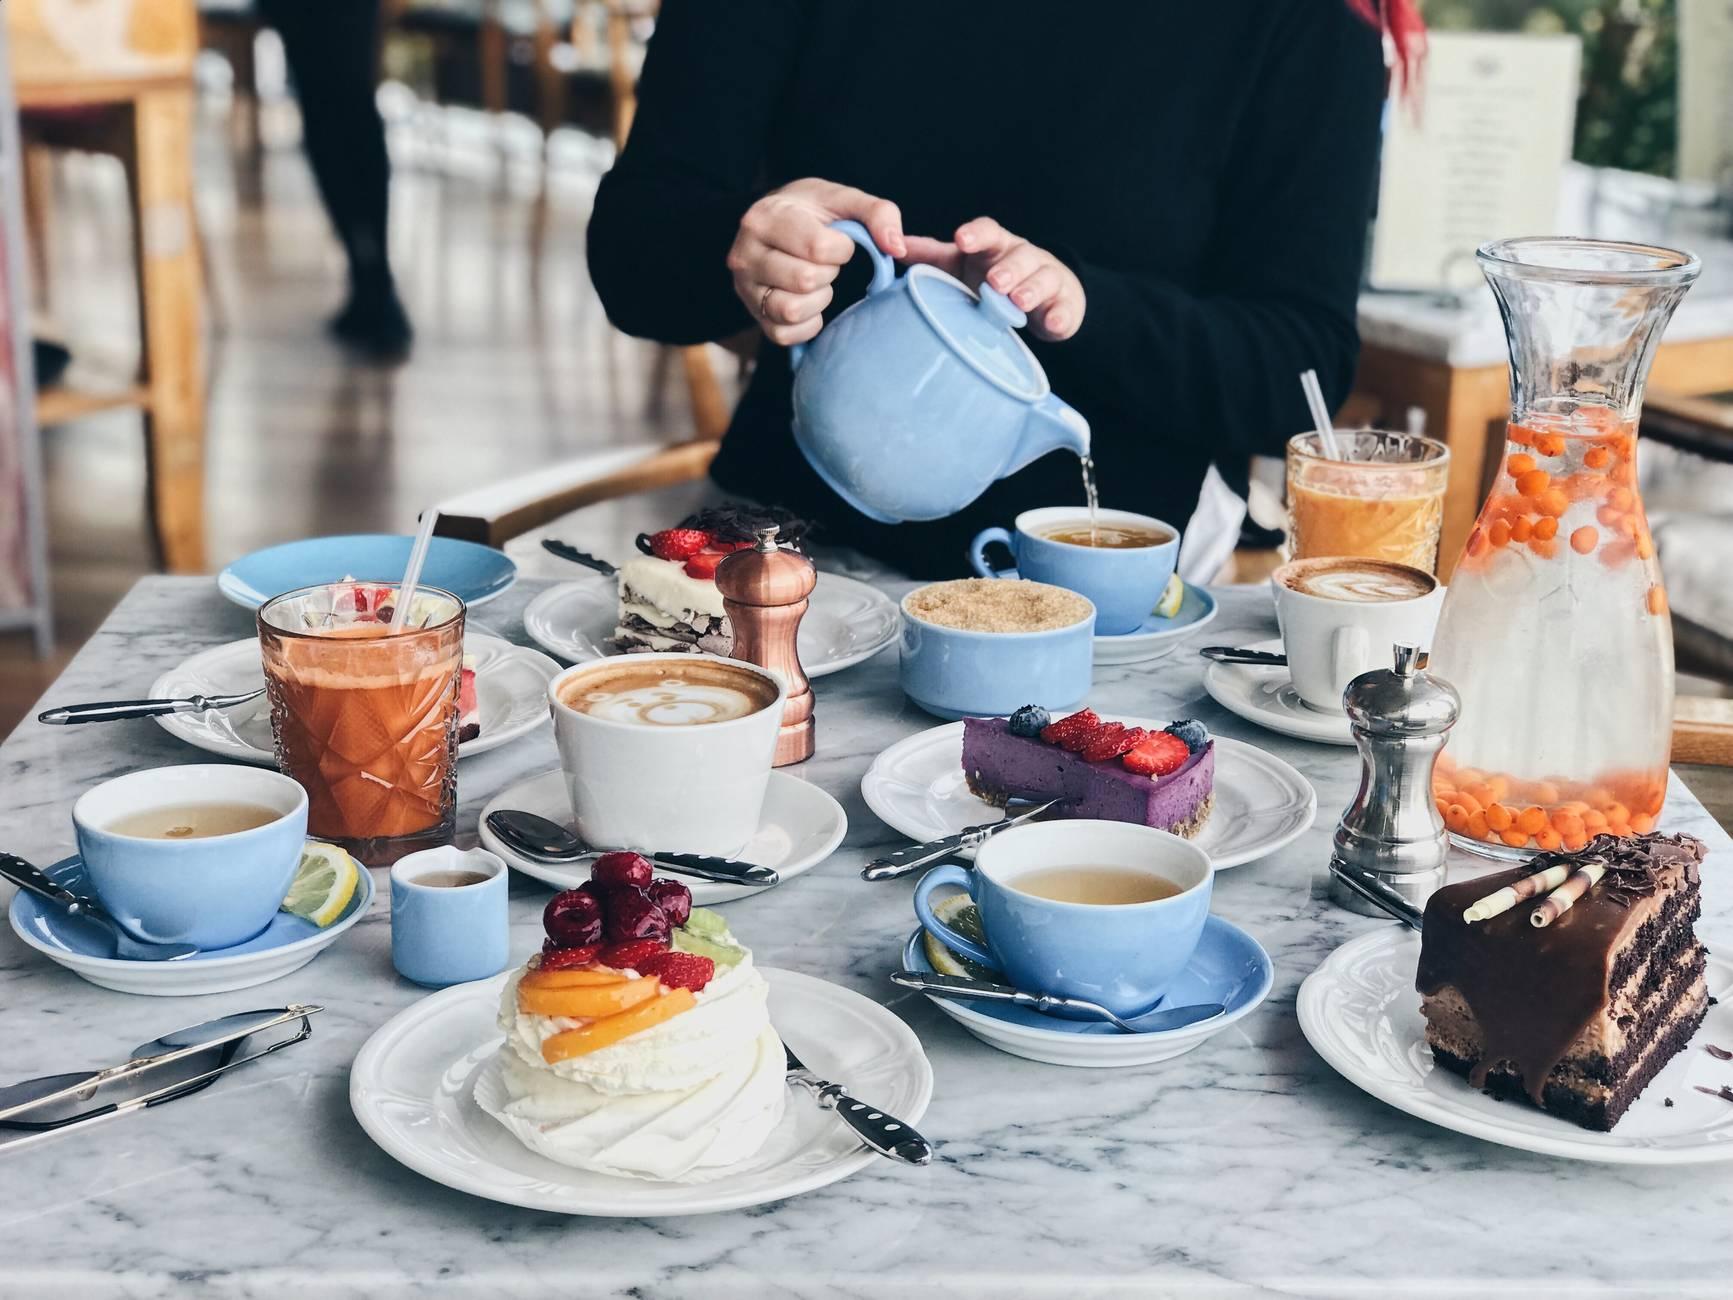 Komeet kohvik Tallinna kesklinnas, Eestis